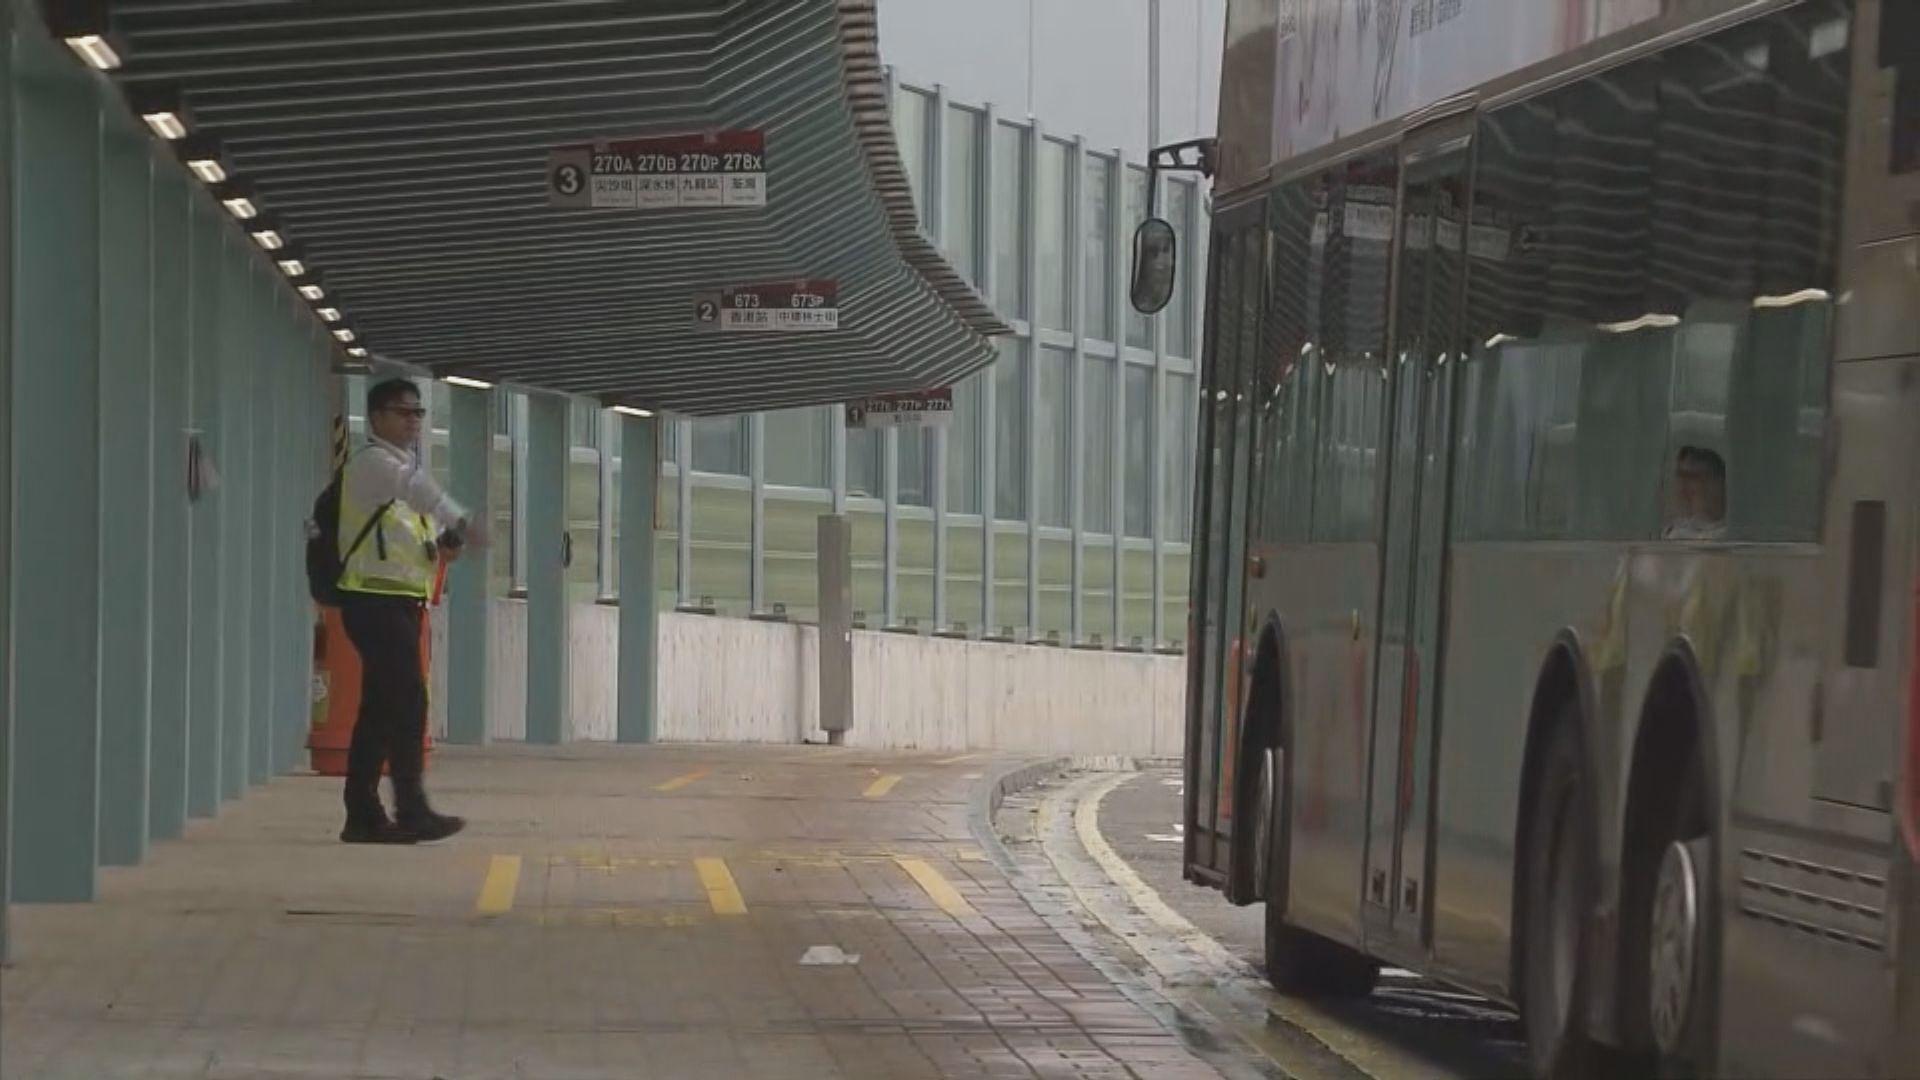 粉嶺公路巴士轉乘站啟用